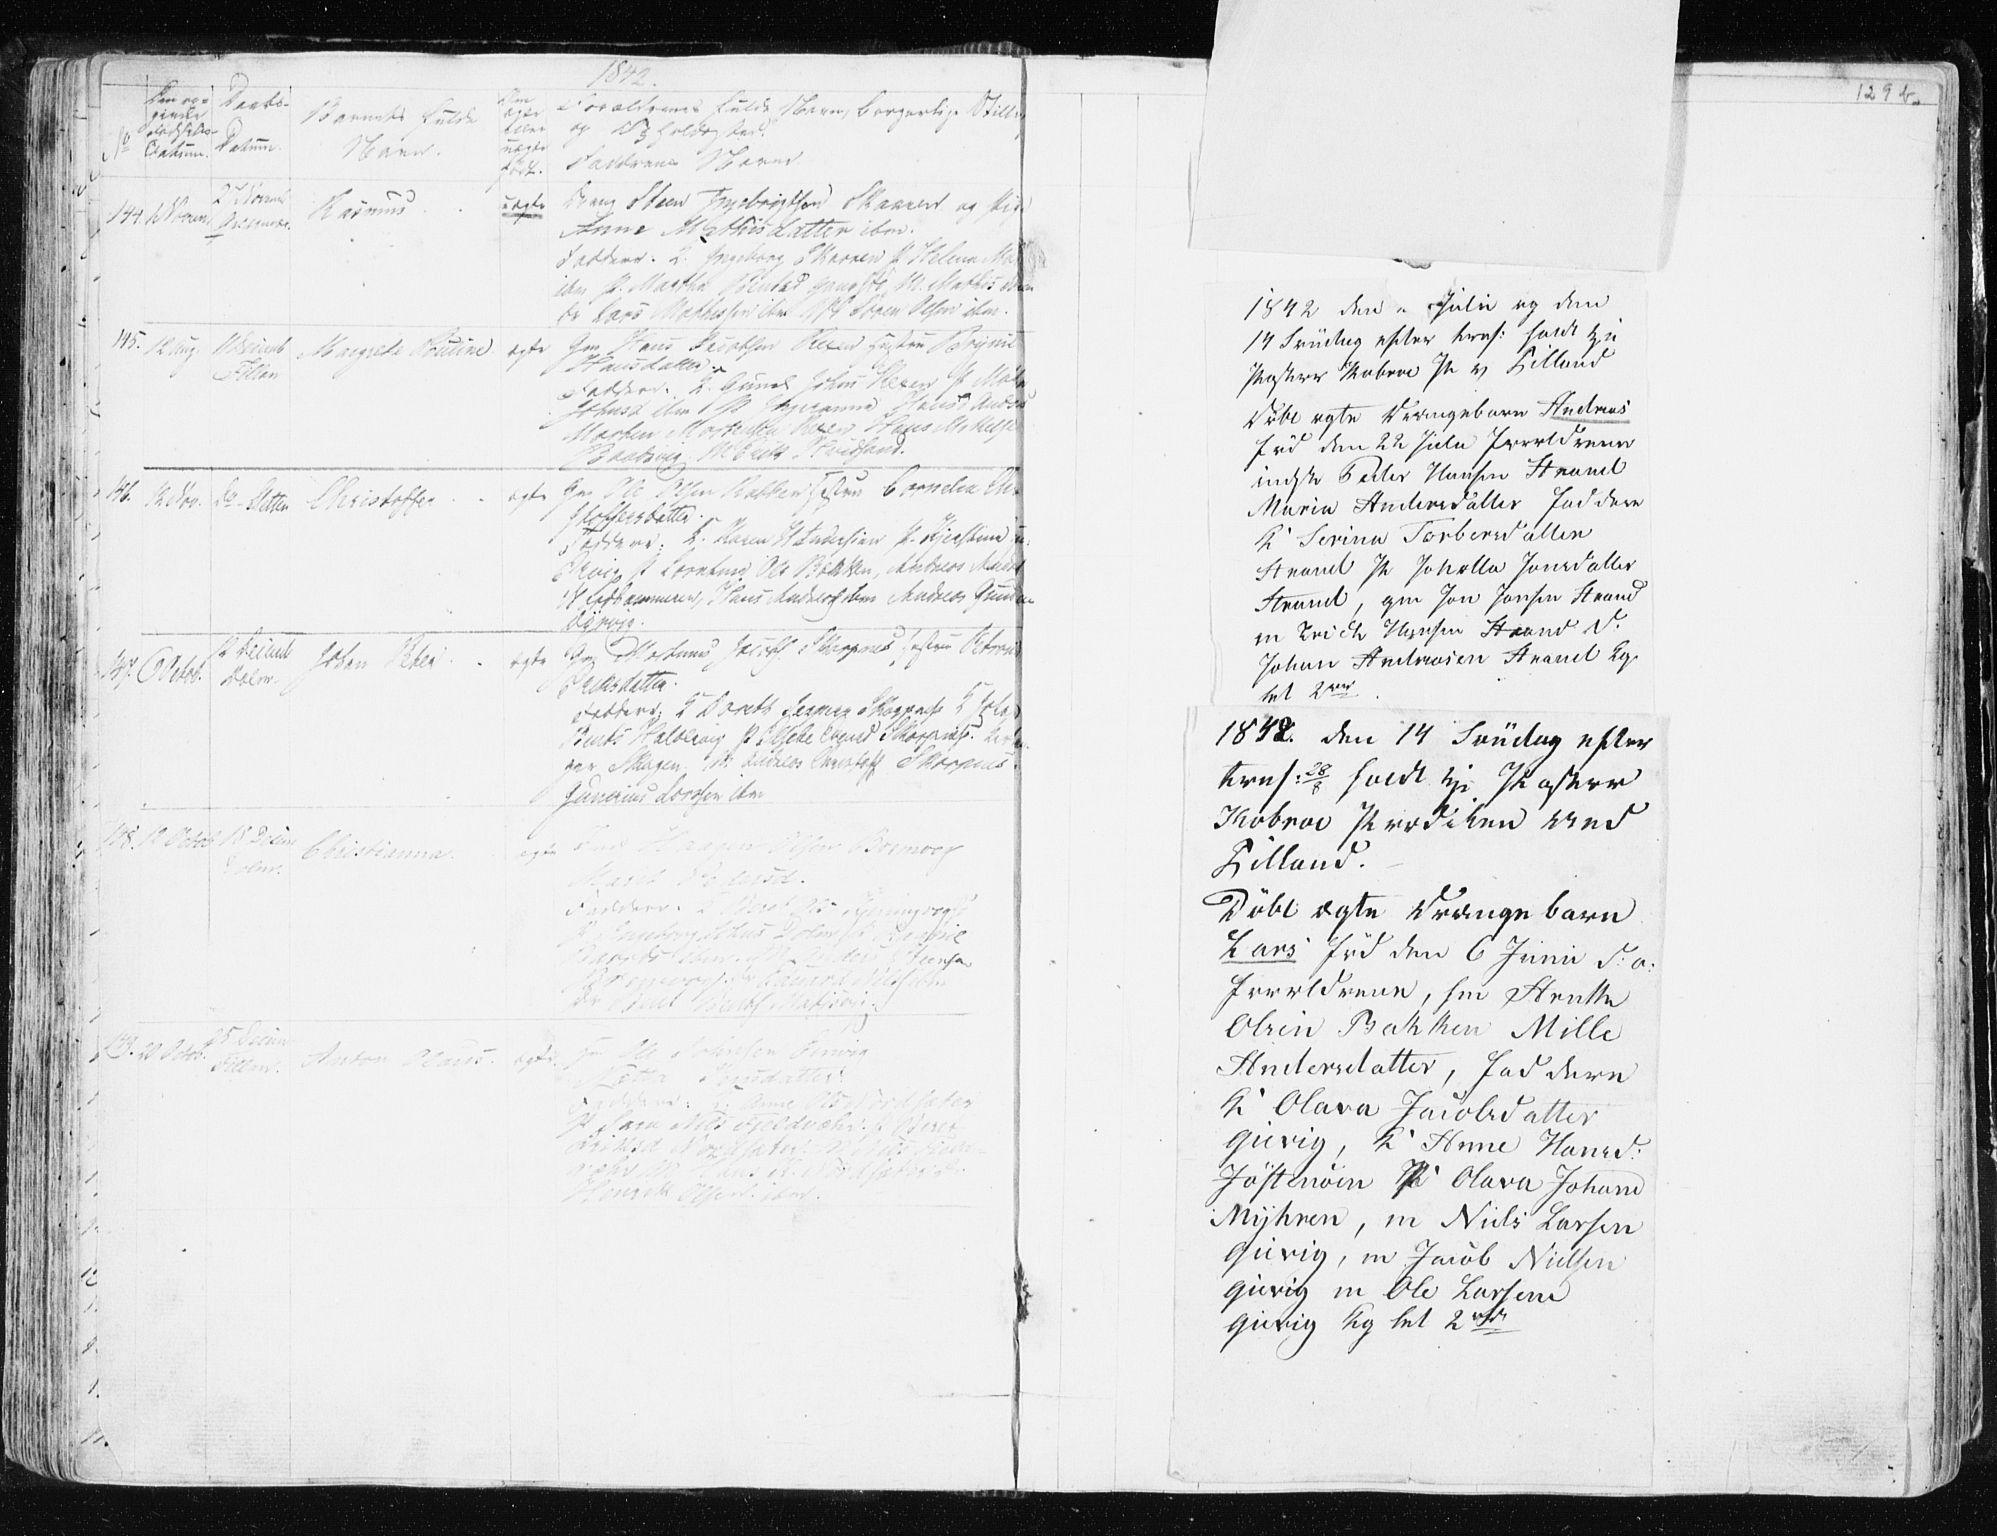 SAT, Ministerialprotokoller, klokkerbøker og fødselsregistre - Sør-Trøndelag, 634/L0528: Ministerialbok nr. 634A04, 1827-1842, s. 129b